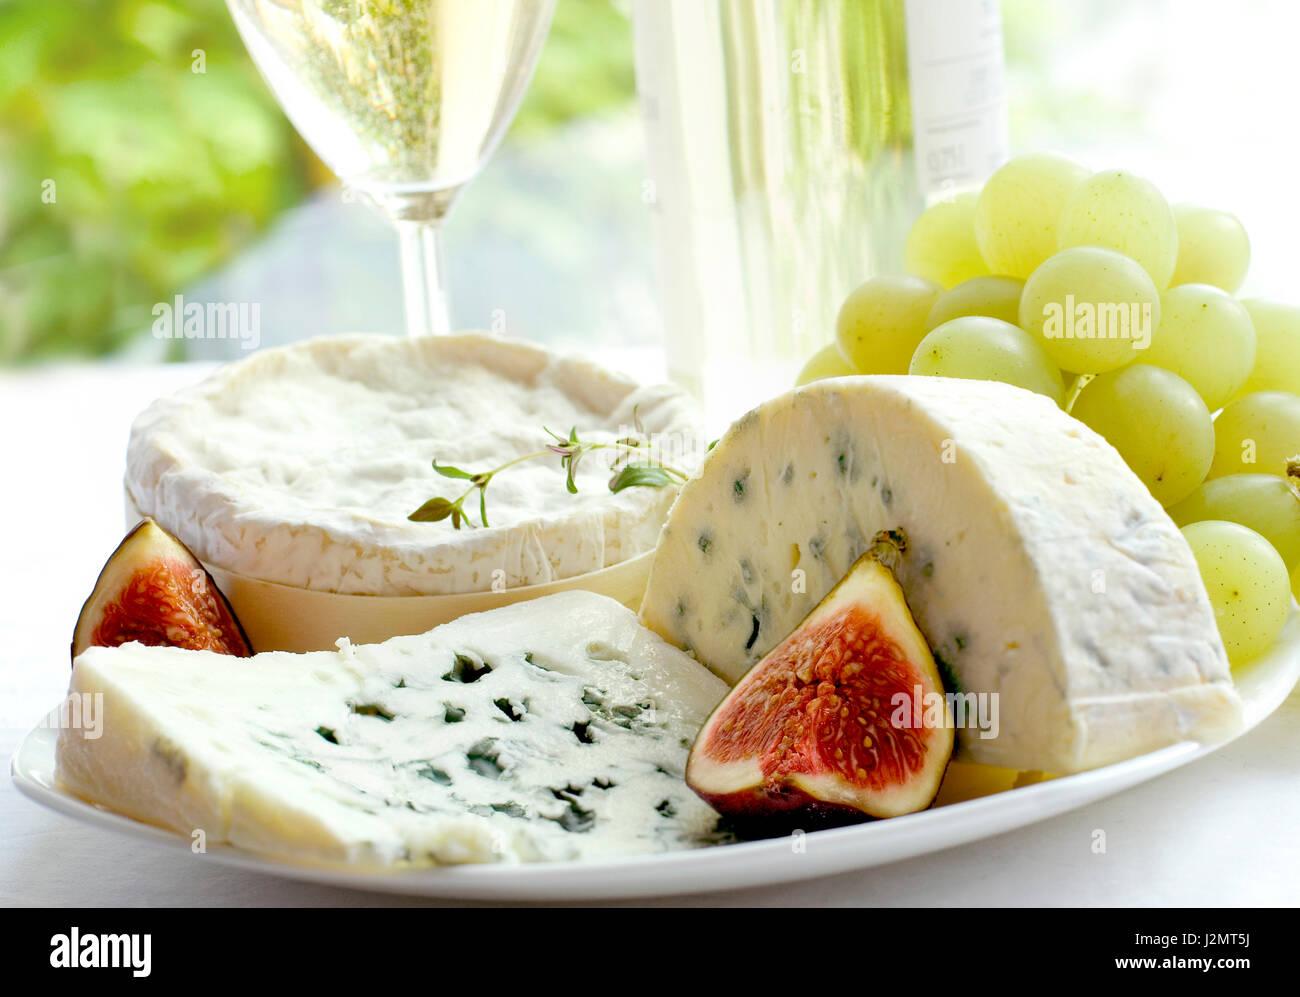 Wein, Käse, Trauben, feyhoa.produkty Gourmet-Essen. Stockbild